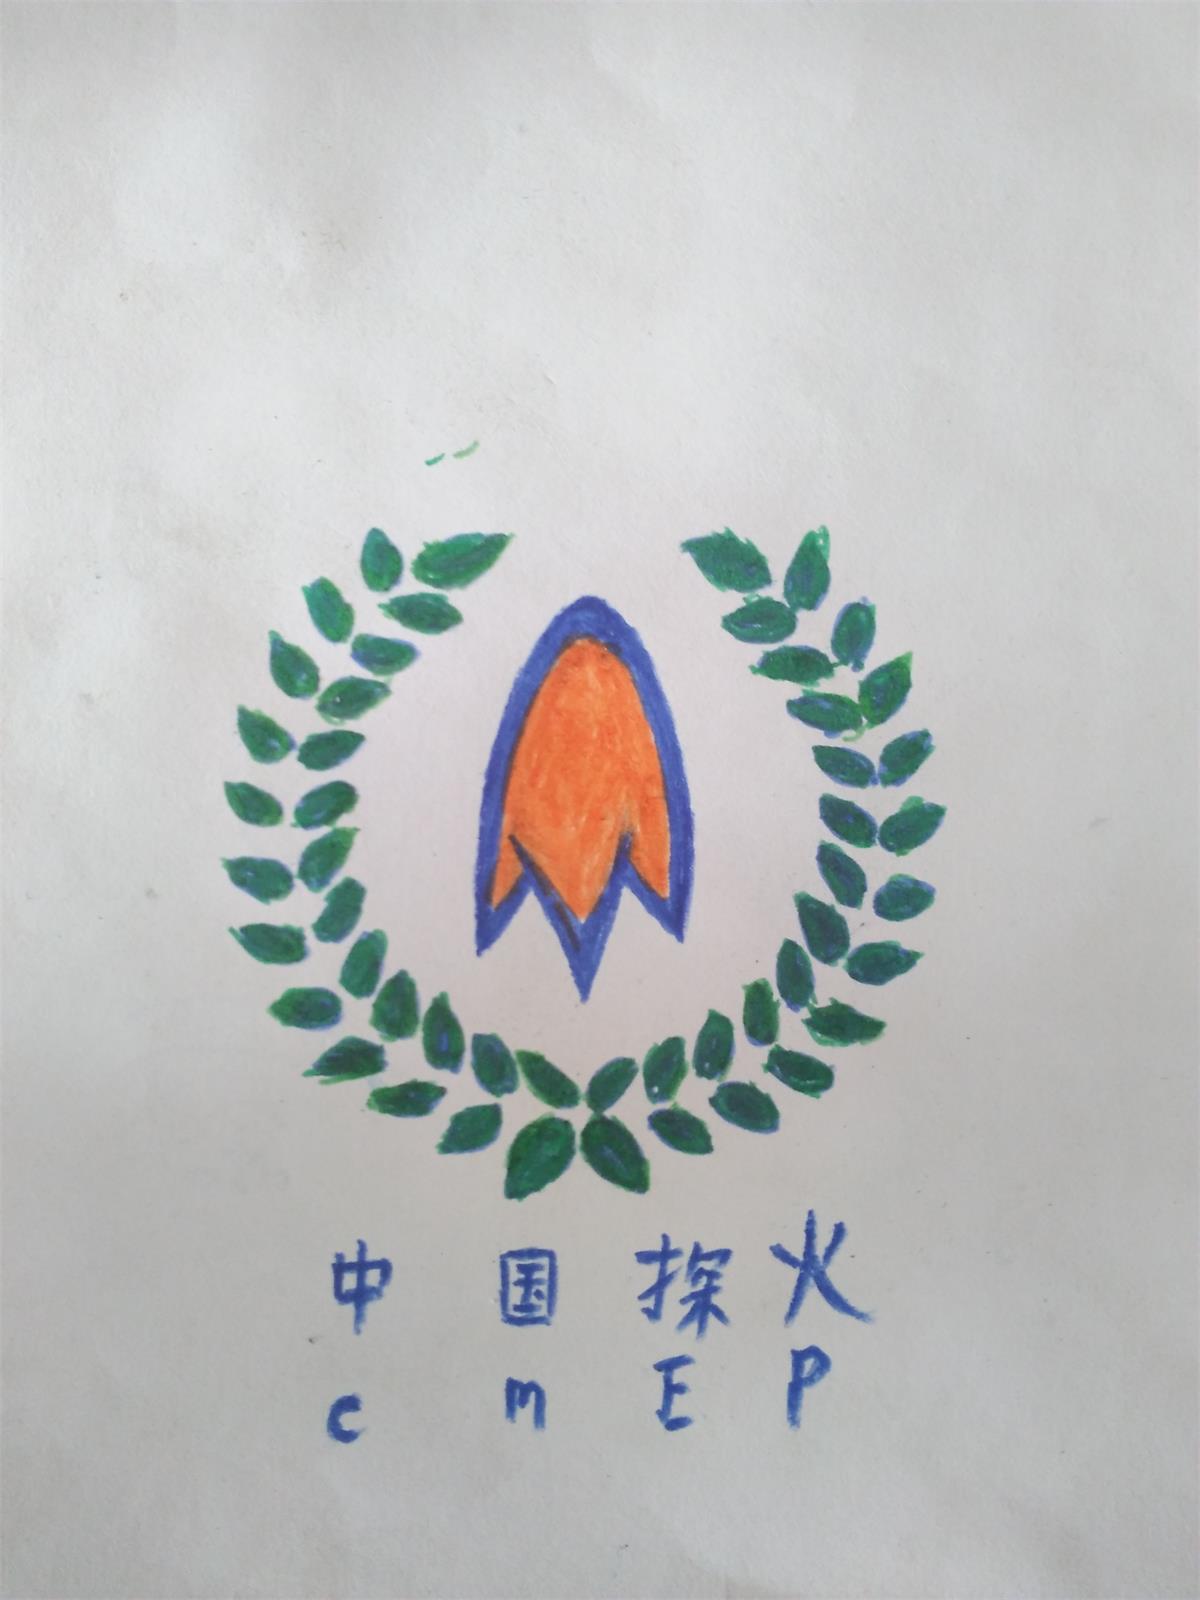 橄榄枝简笔画-和平之箭 和平之箭图片